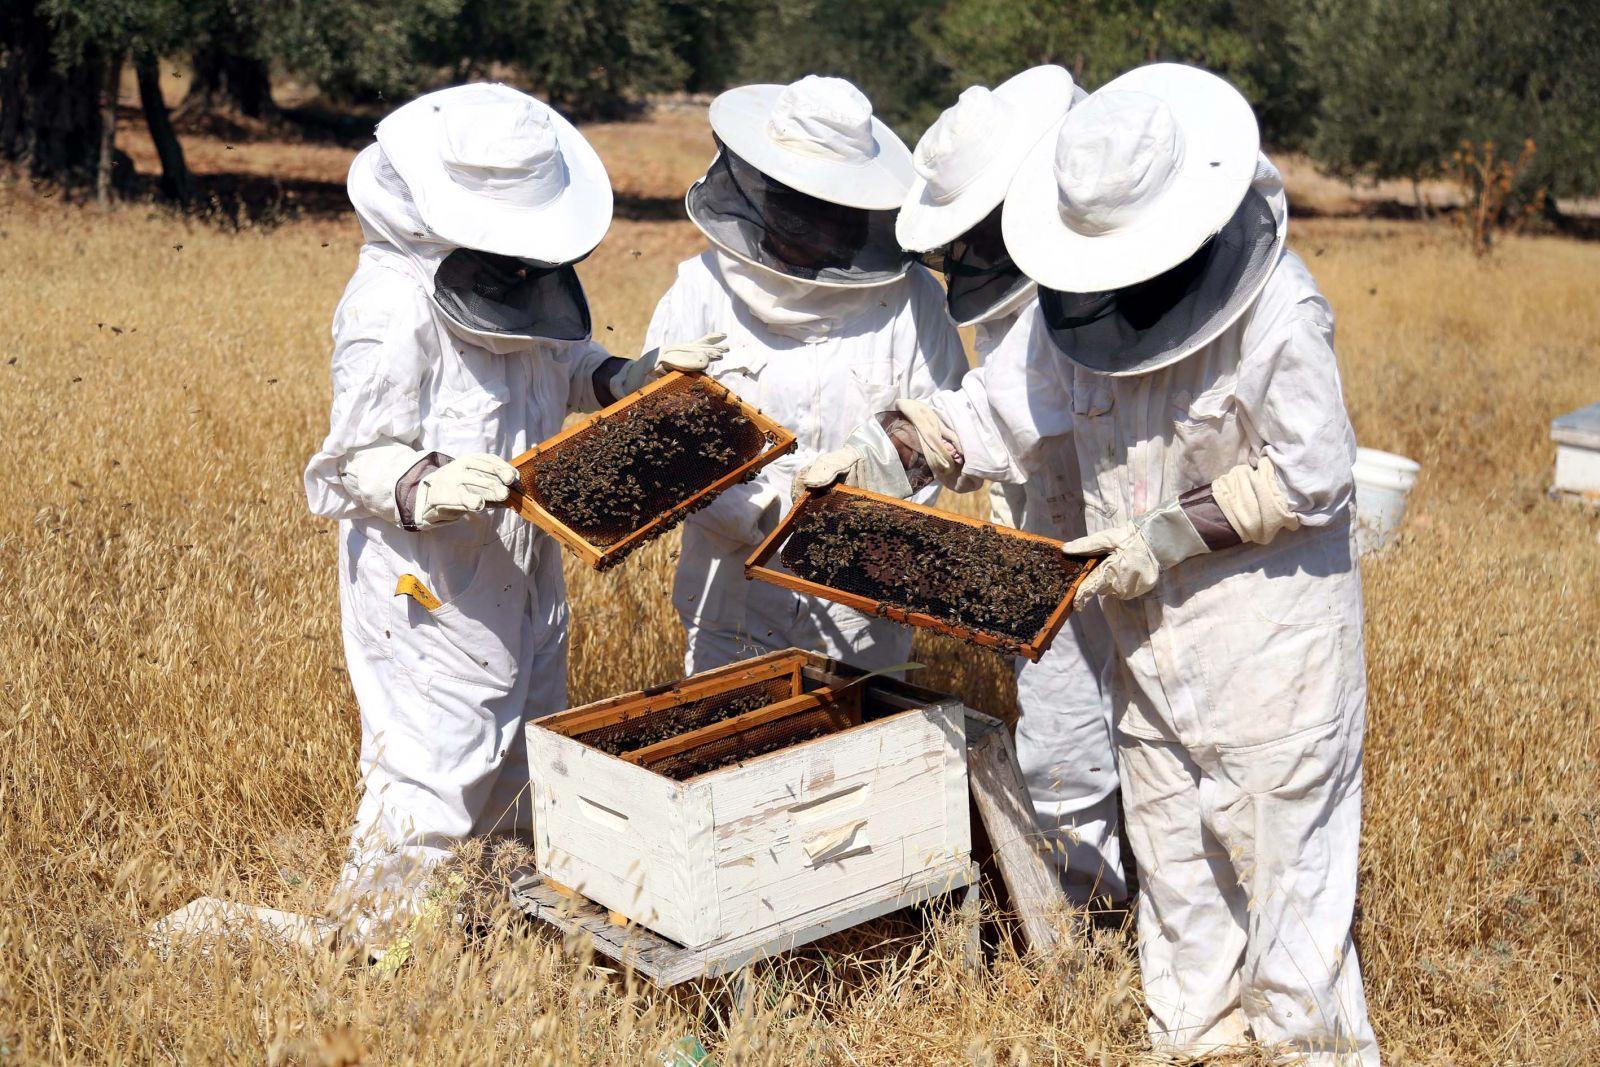 صوره تربية النحل , تعلم كيف تقوم بتربيه النحل